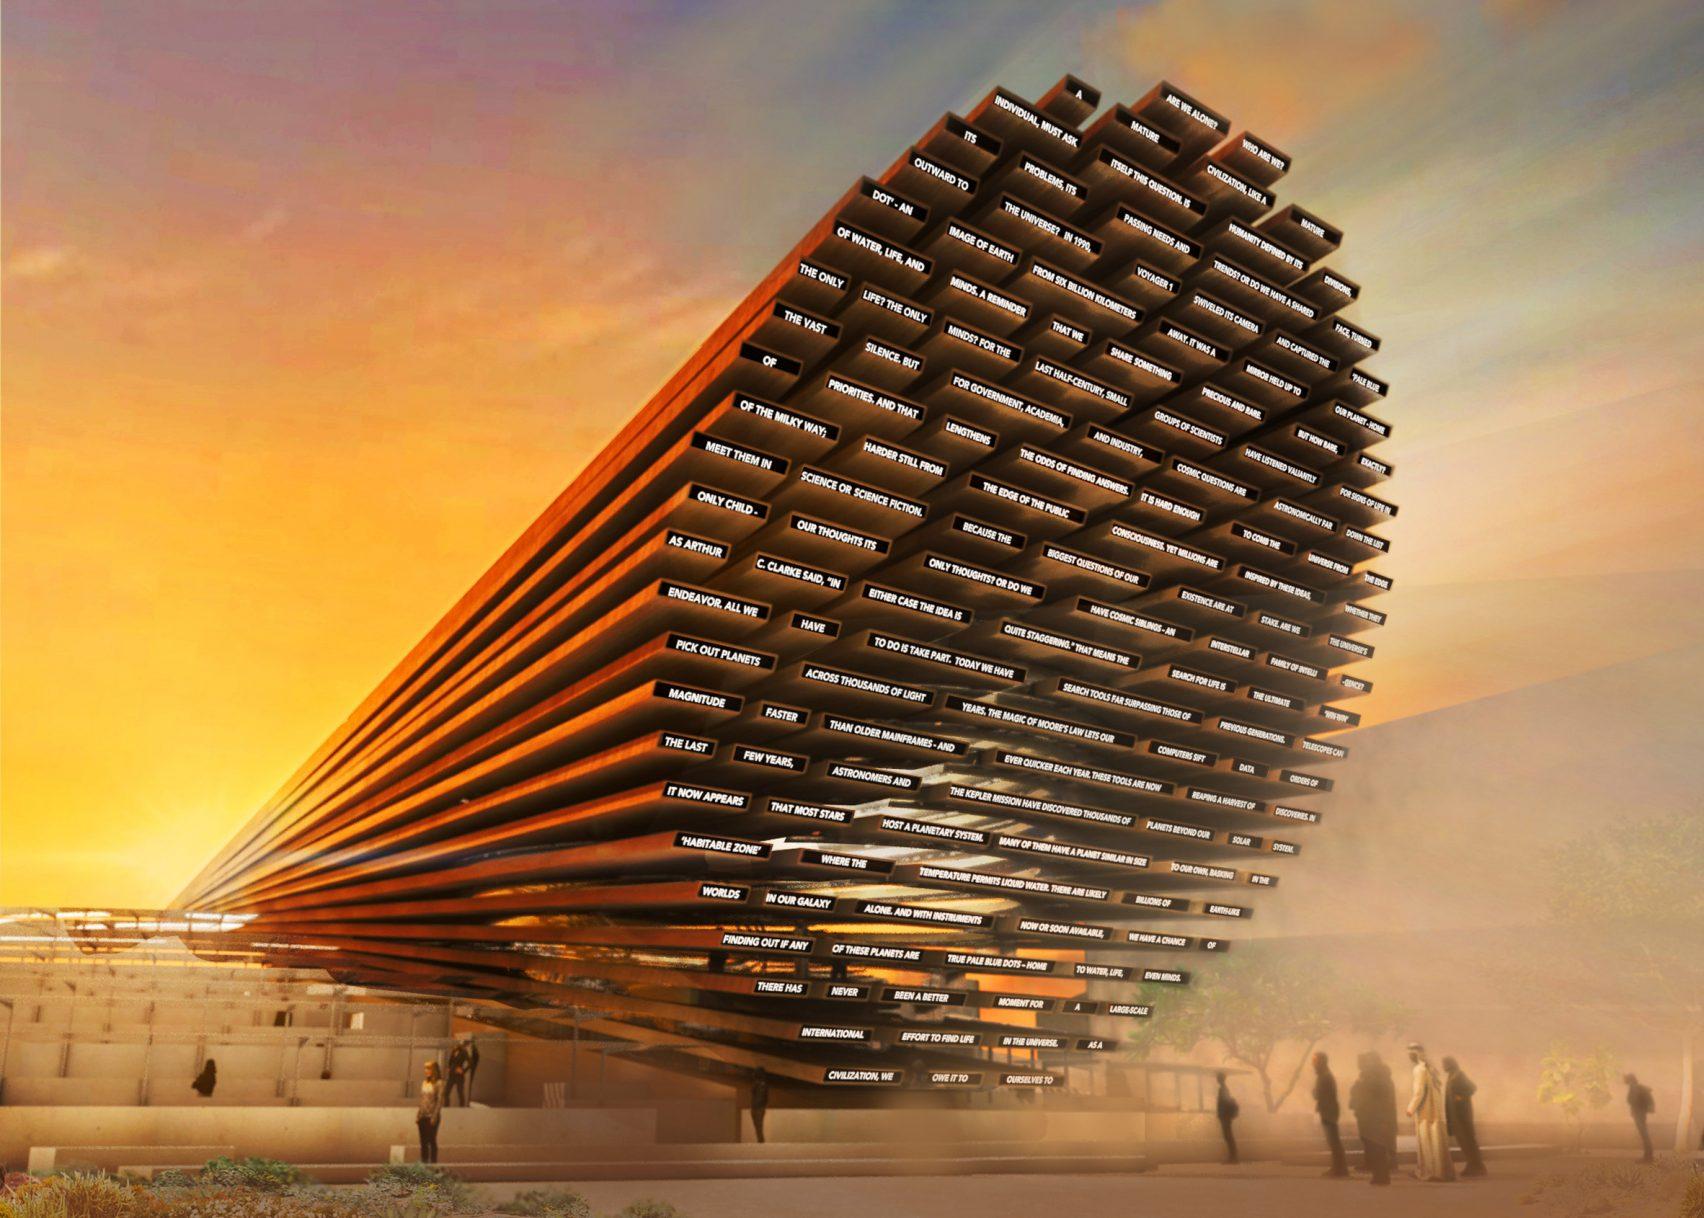 Un Pavillon Poétique Interactif Pour Expo 2020 Dubai